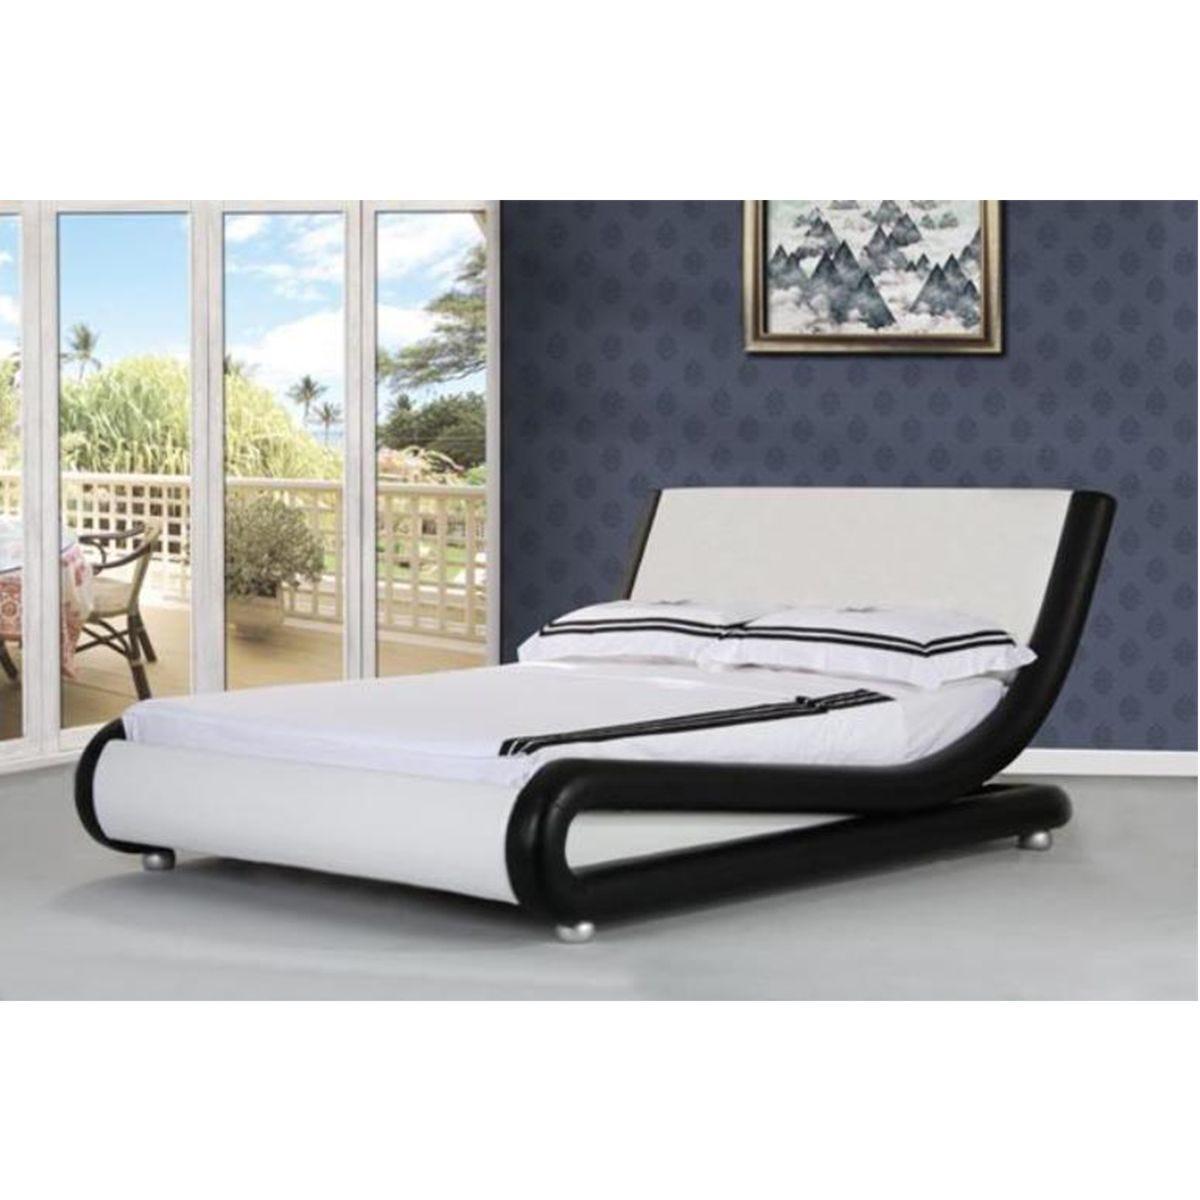 Jaxon Bed Frame - Black/White